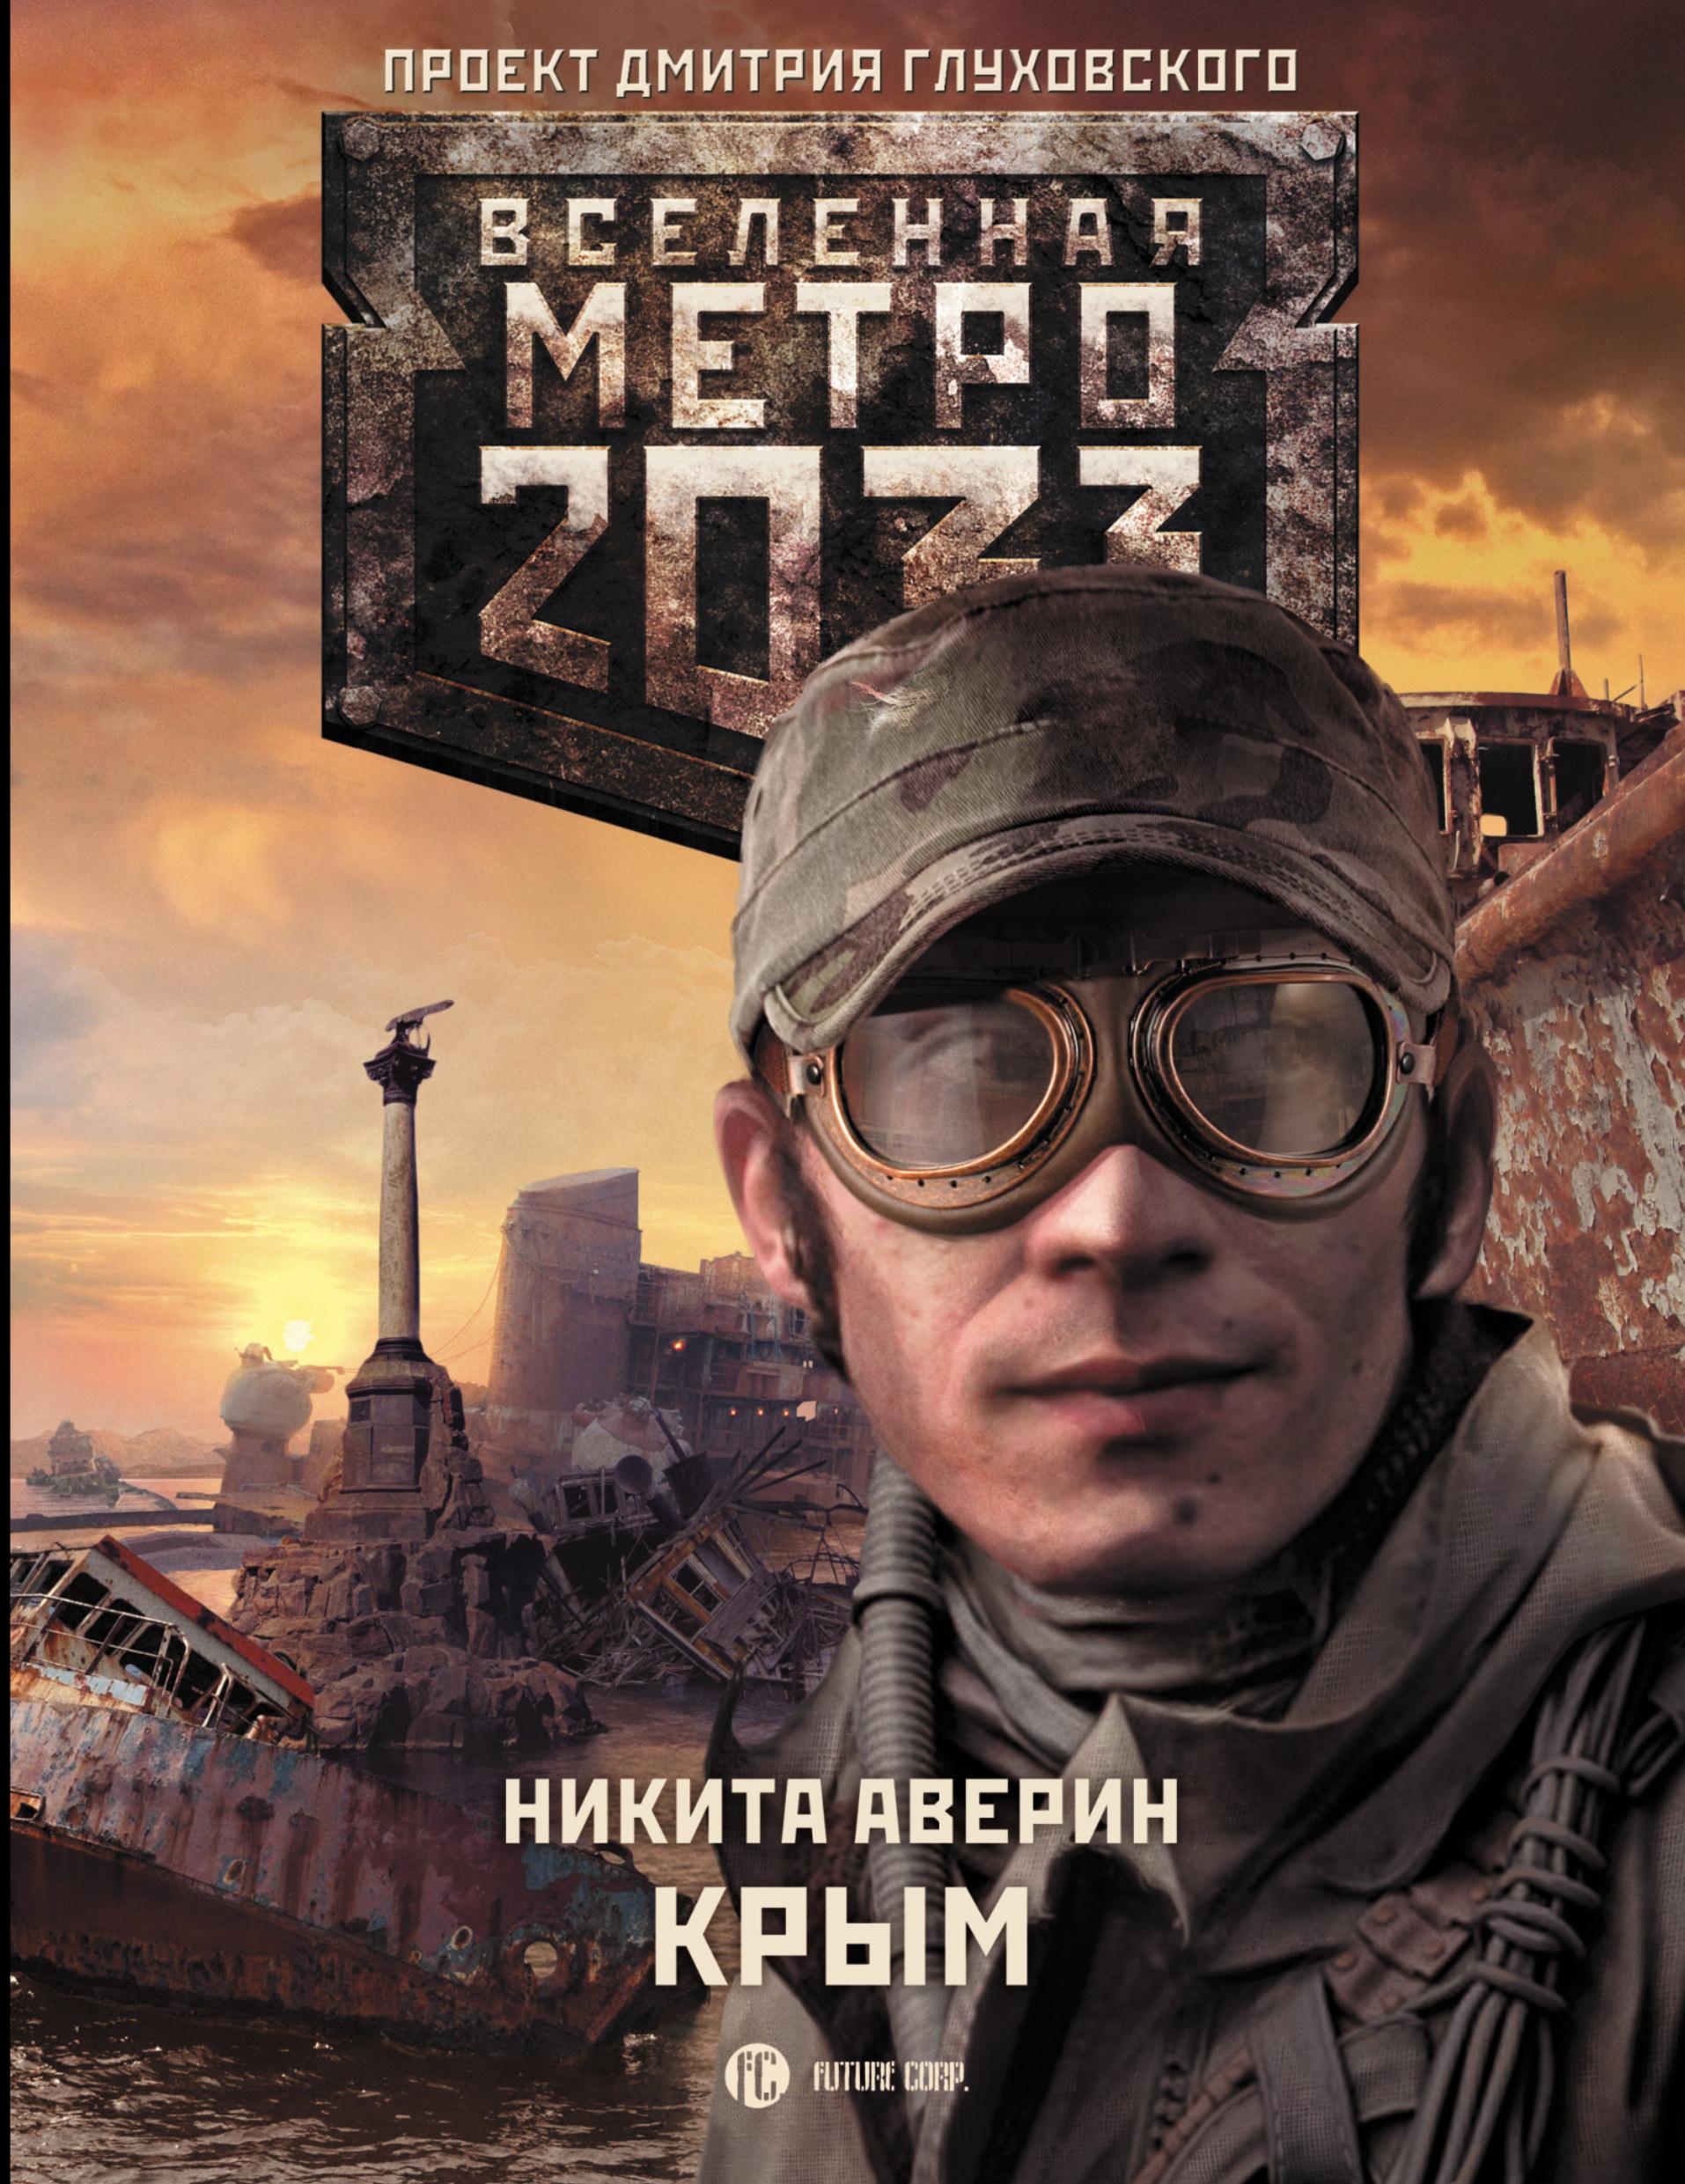 МЕТРО 2033 КРЫМ2 СКАЧАТЬ БЕСПЛАТНО